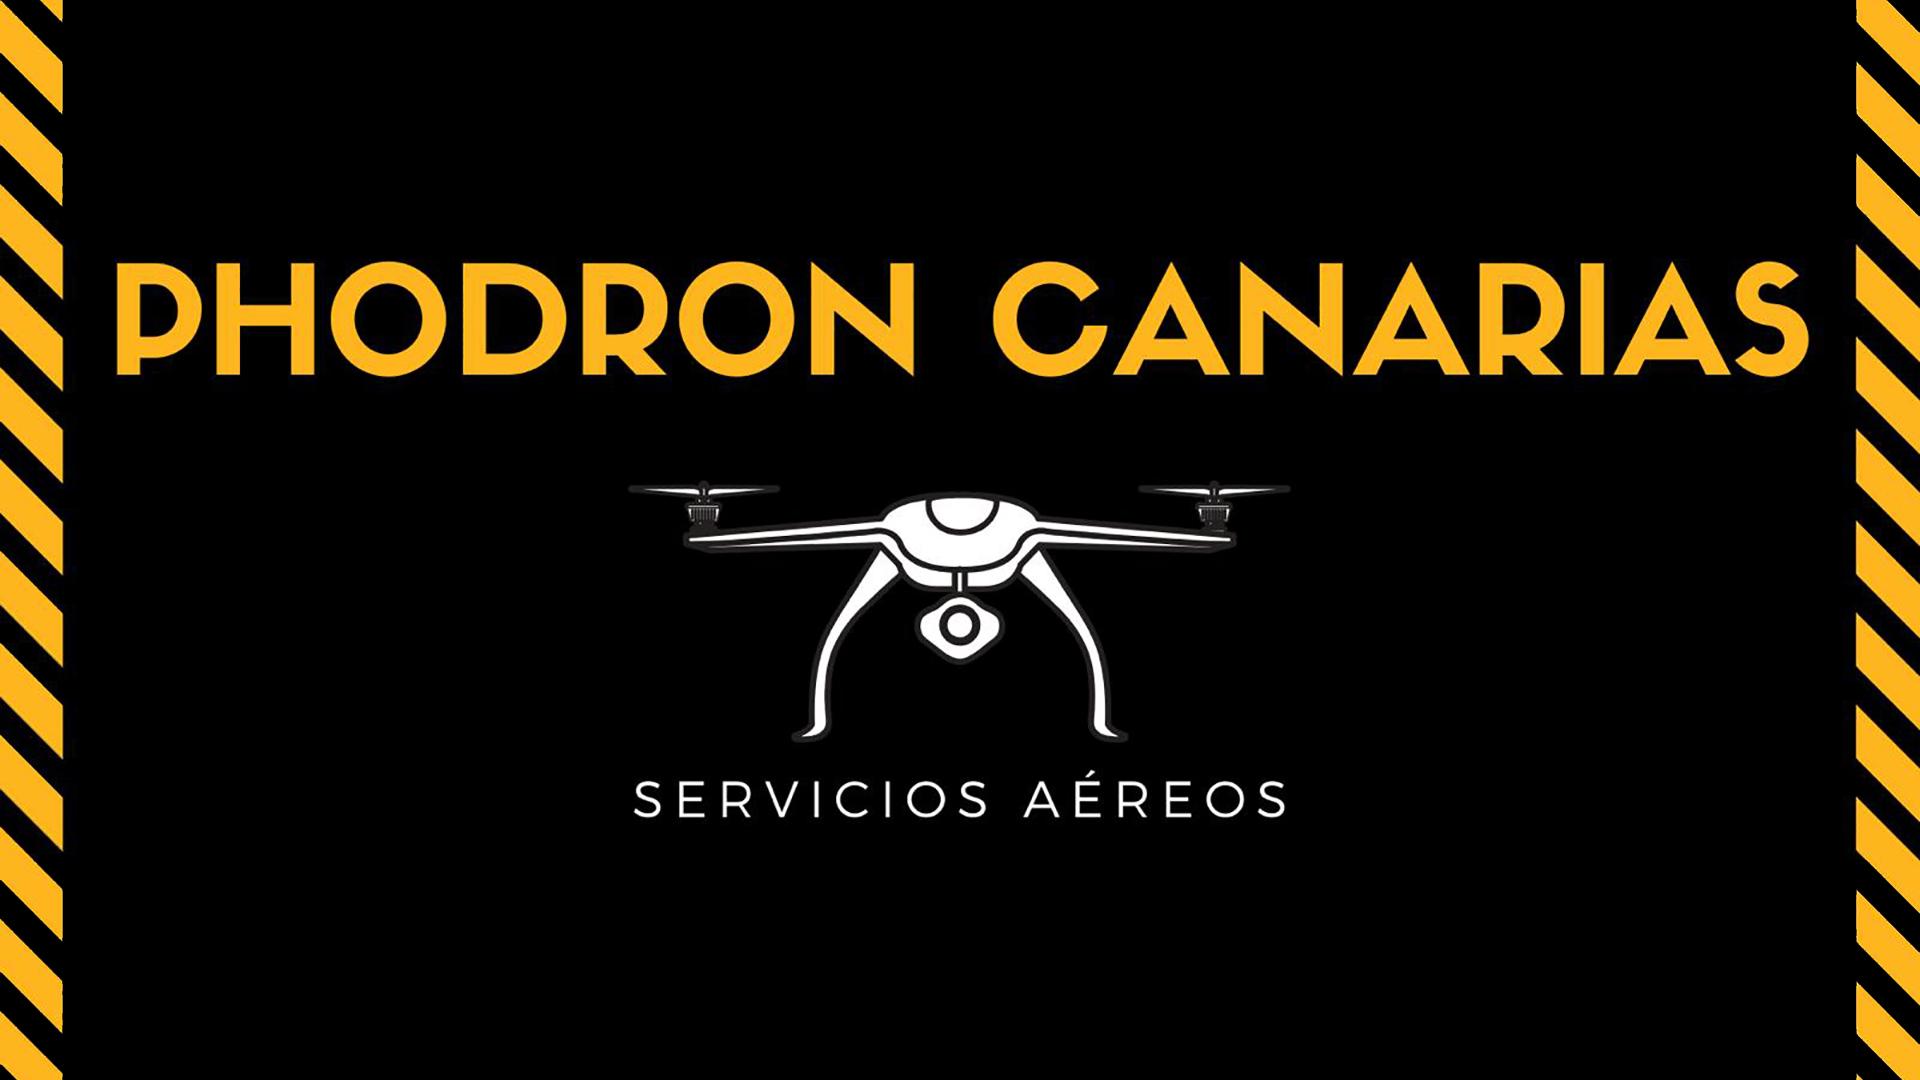 Phodroncanarias - Servicios Aéreos